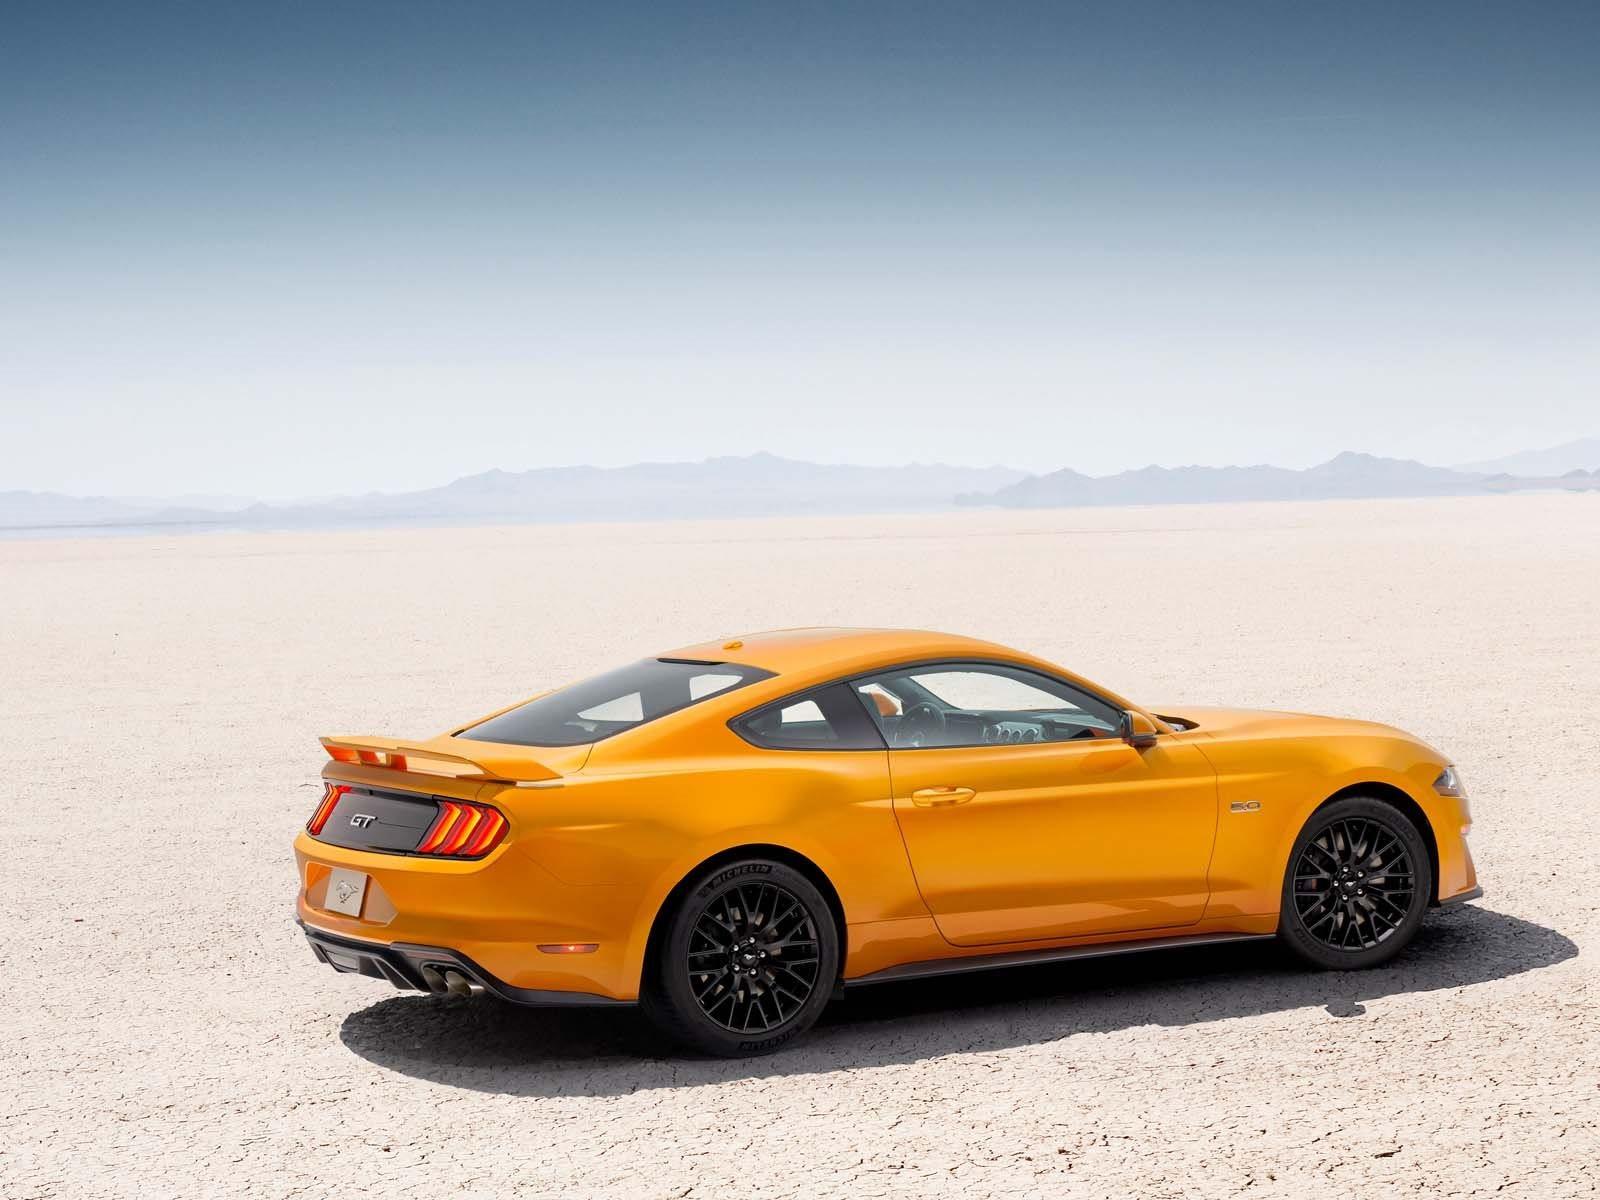 Кроме того, в то время как Mustang по-прежнему пользуется популярностью у покупателей-мужчин, женщин все чаще привлекает этот масл-кар. Исследования Ford показывают, что за последние пять лет 10 процентов покупателей - женщины.